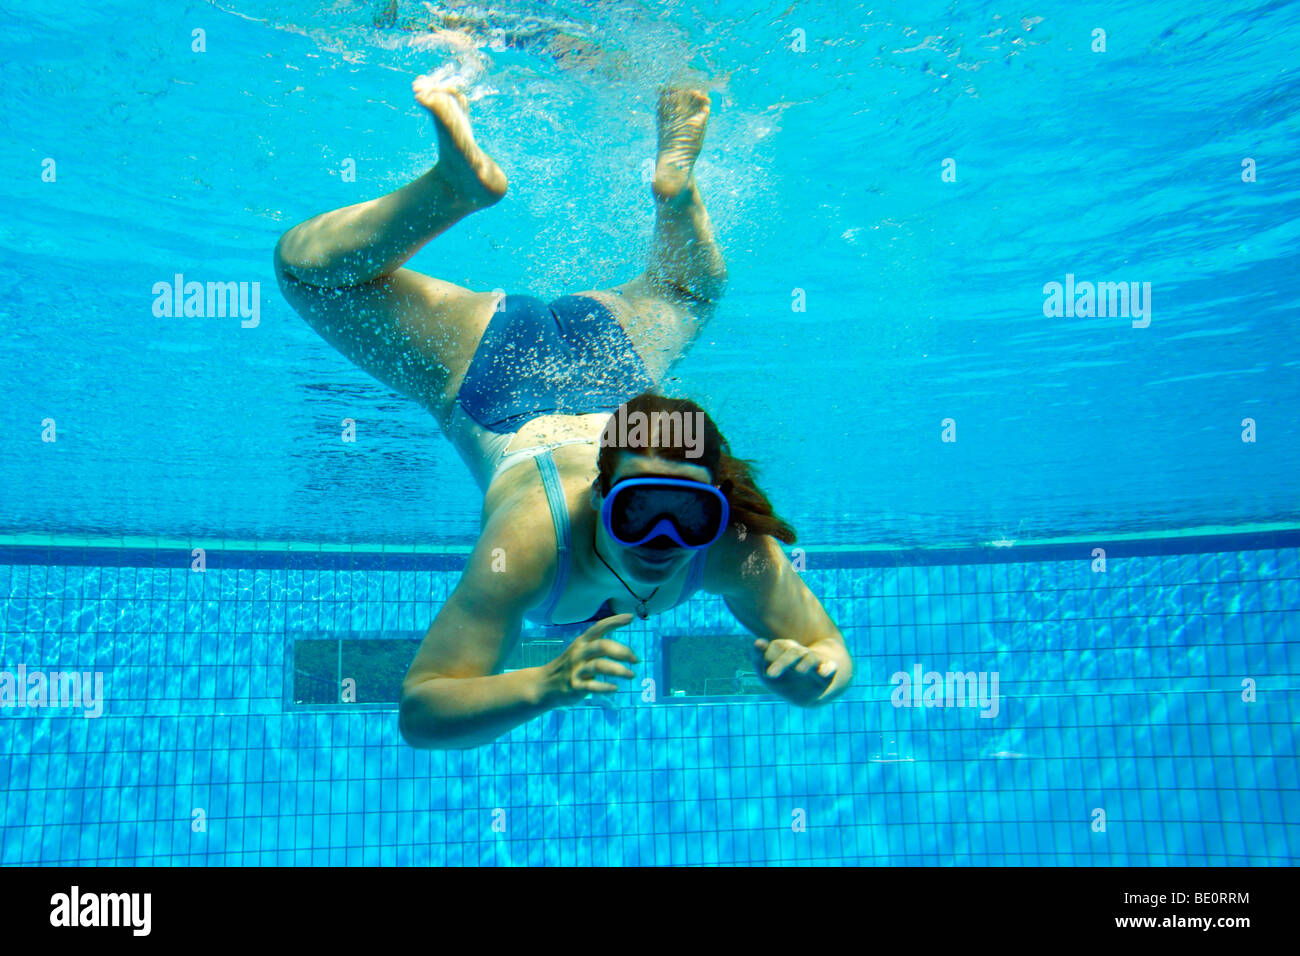 Teenager-Mädchen in einem Schwimmbad tauchen Stockfoto